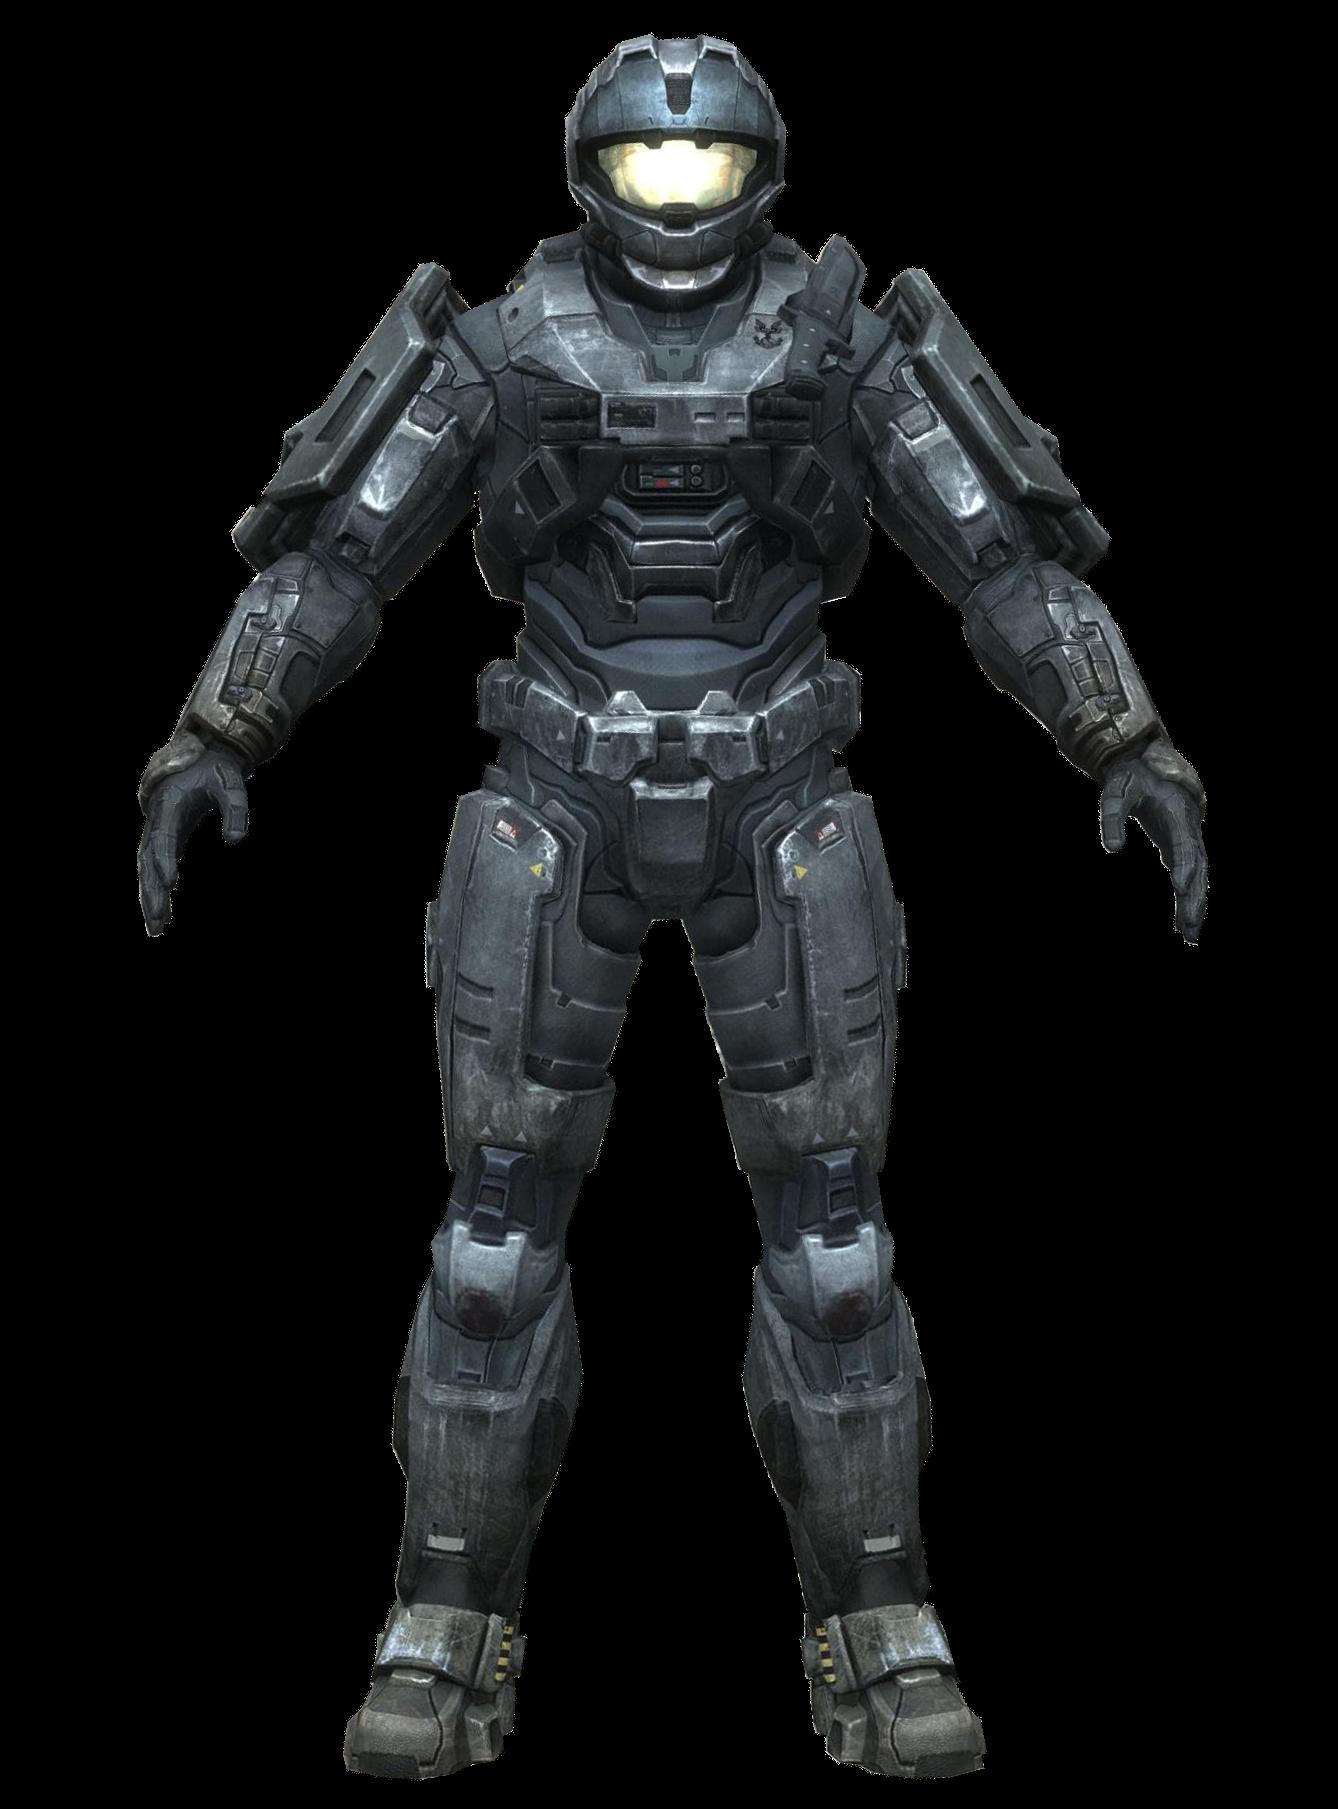 Armadura Potenciada de Asalto MJOLNIR/Variante CQC